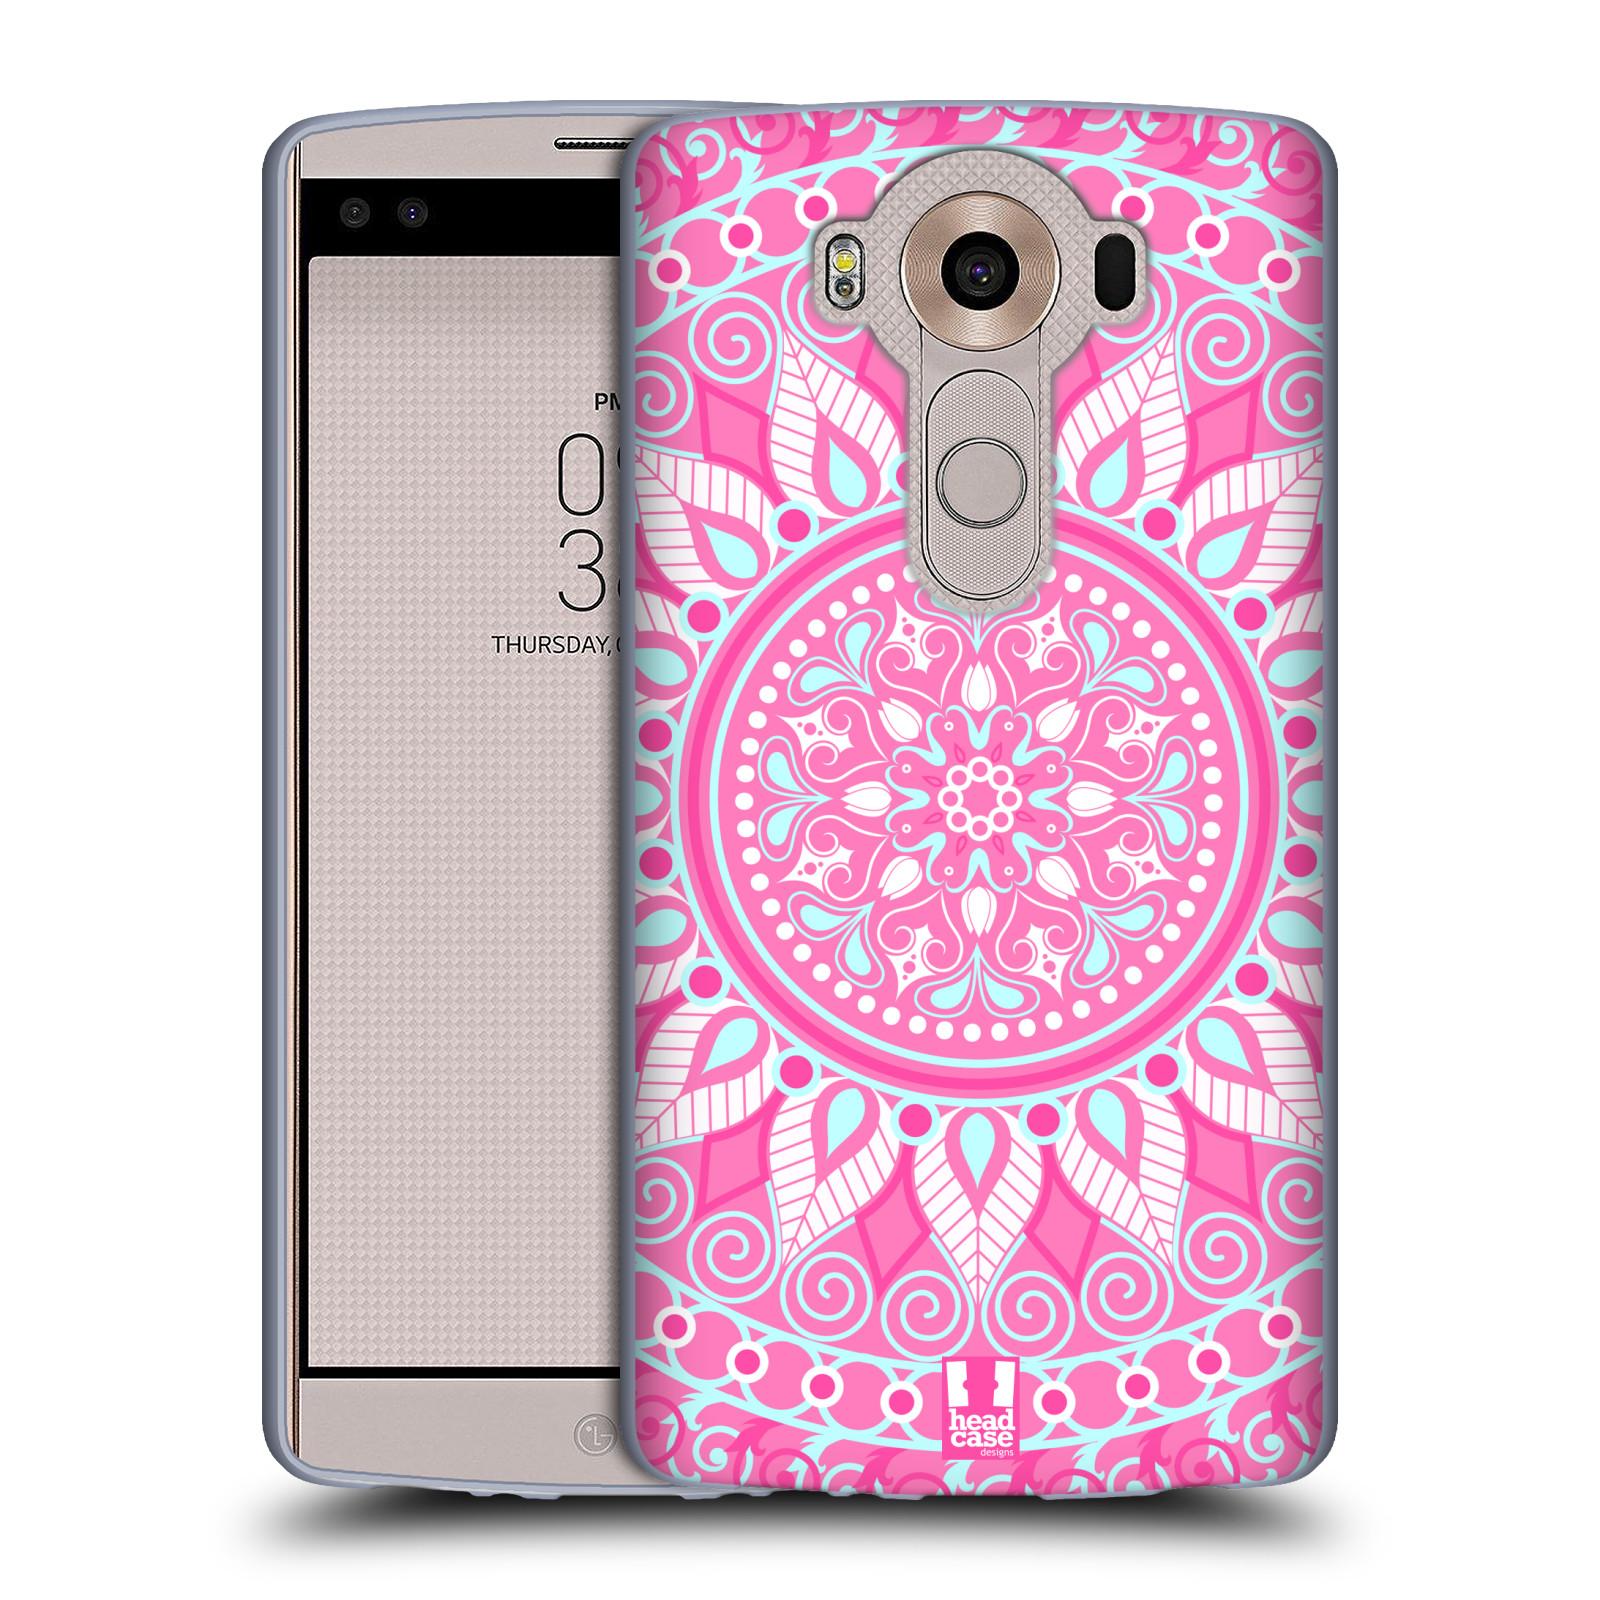 HEAD CASE silikonový obal na mobil LG V10 (H960A) vzor Indie Mandala slunce barevný motiv RŮŽOVÁ